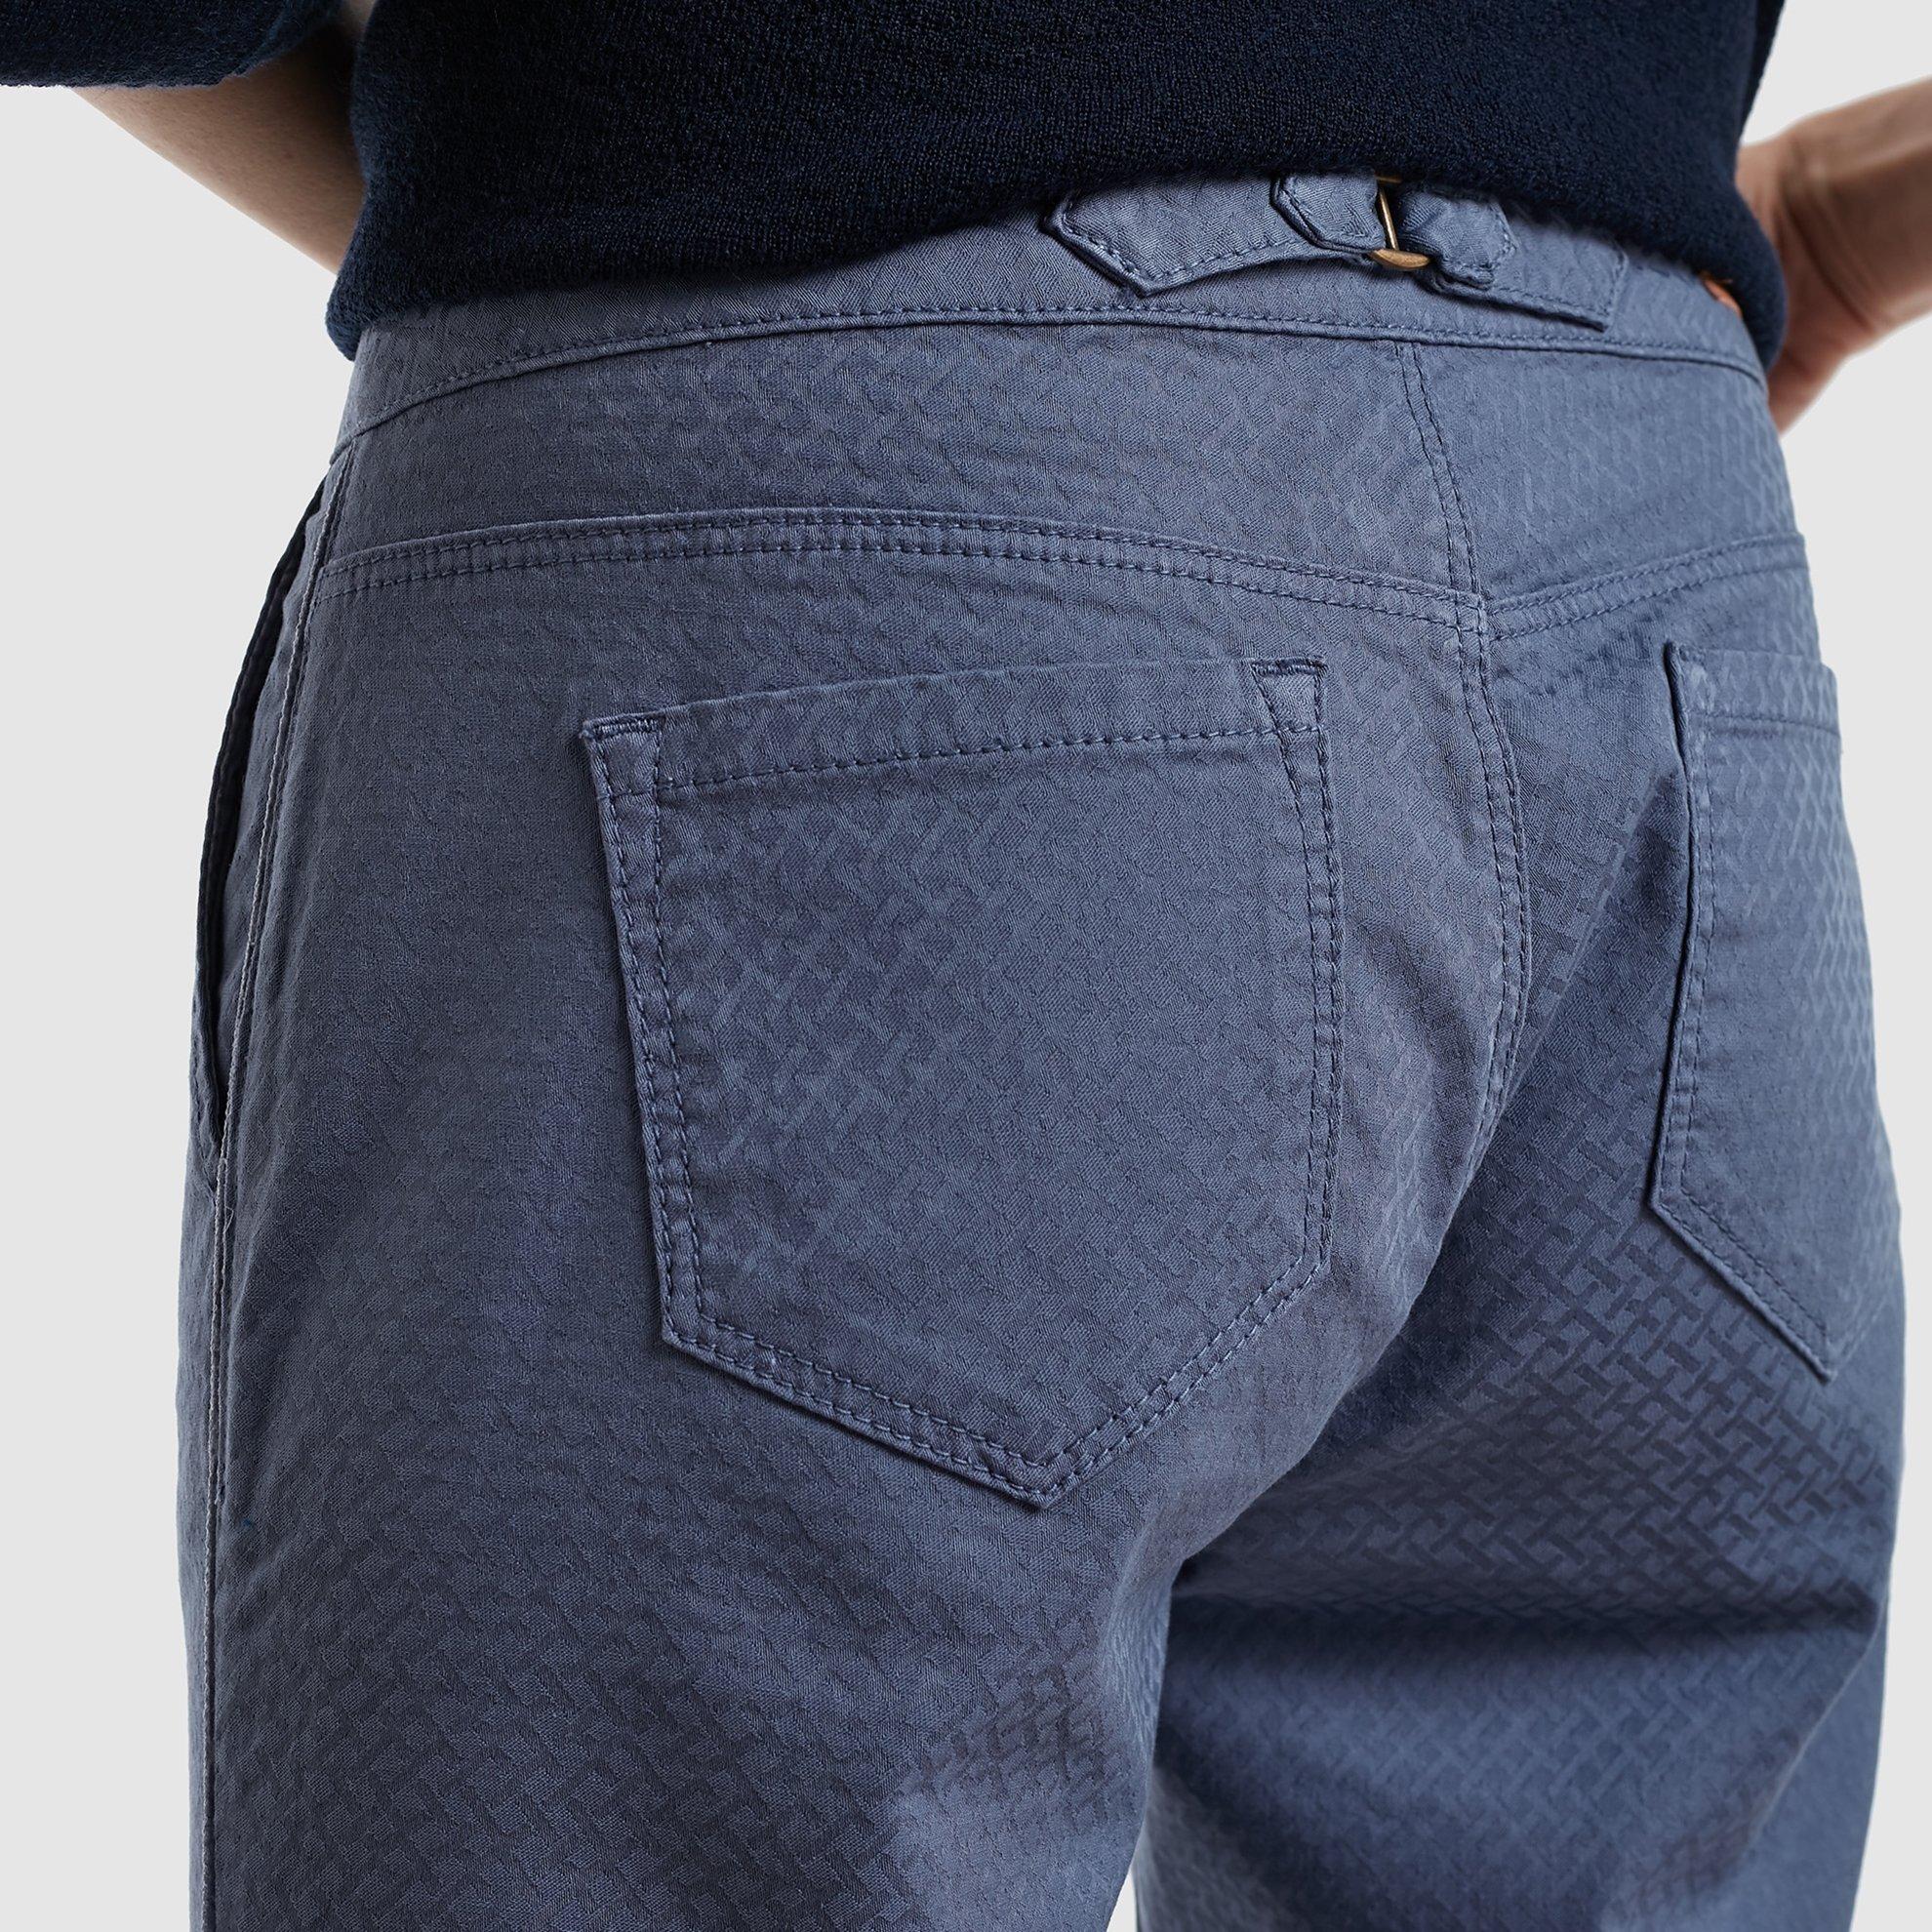 Belted Back Denim Pants